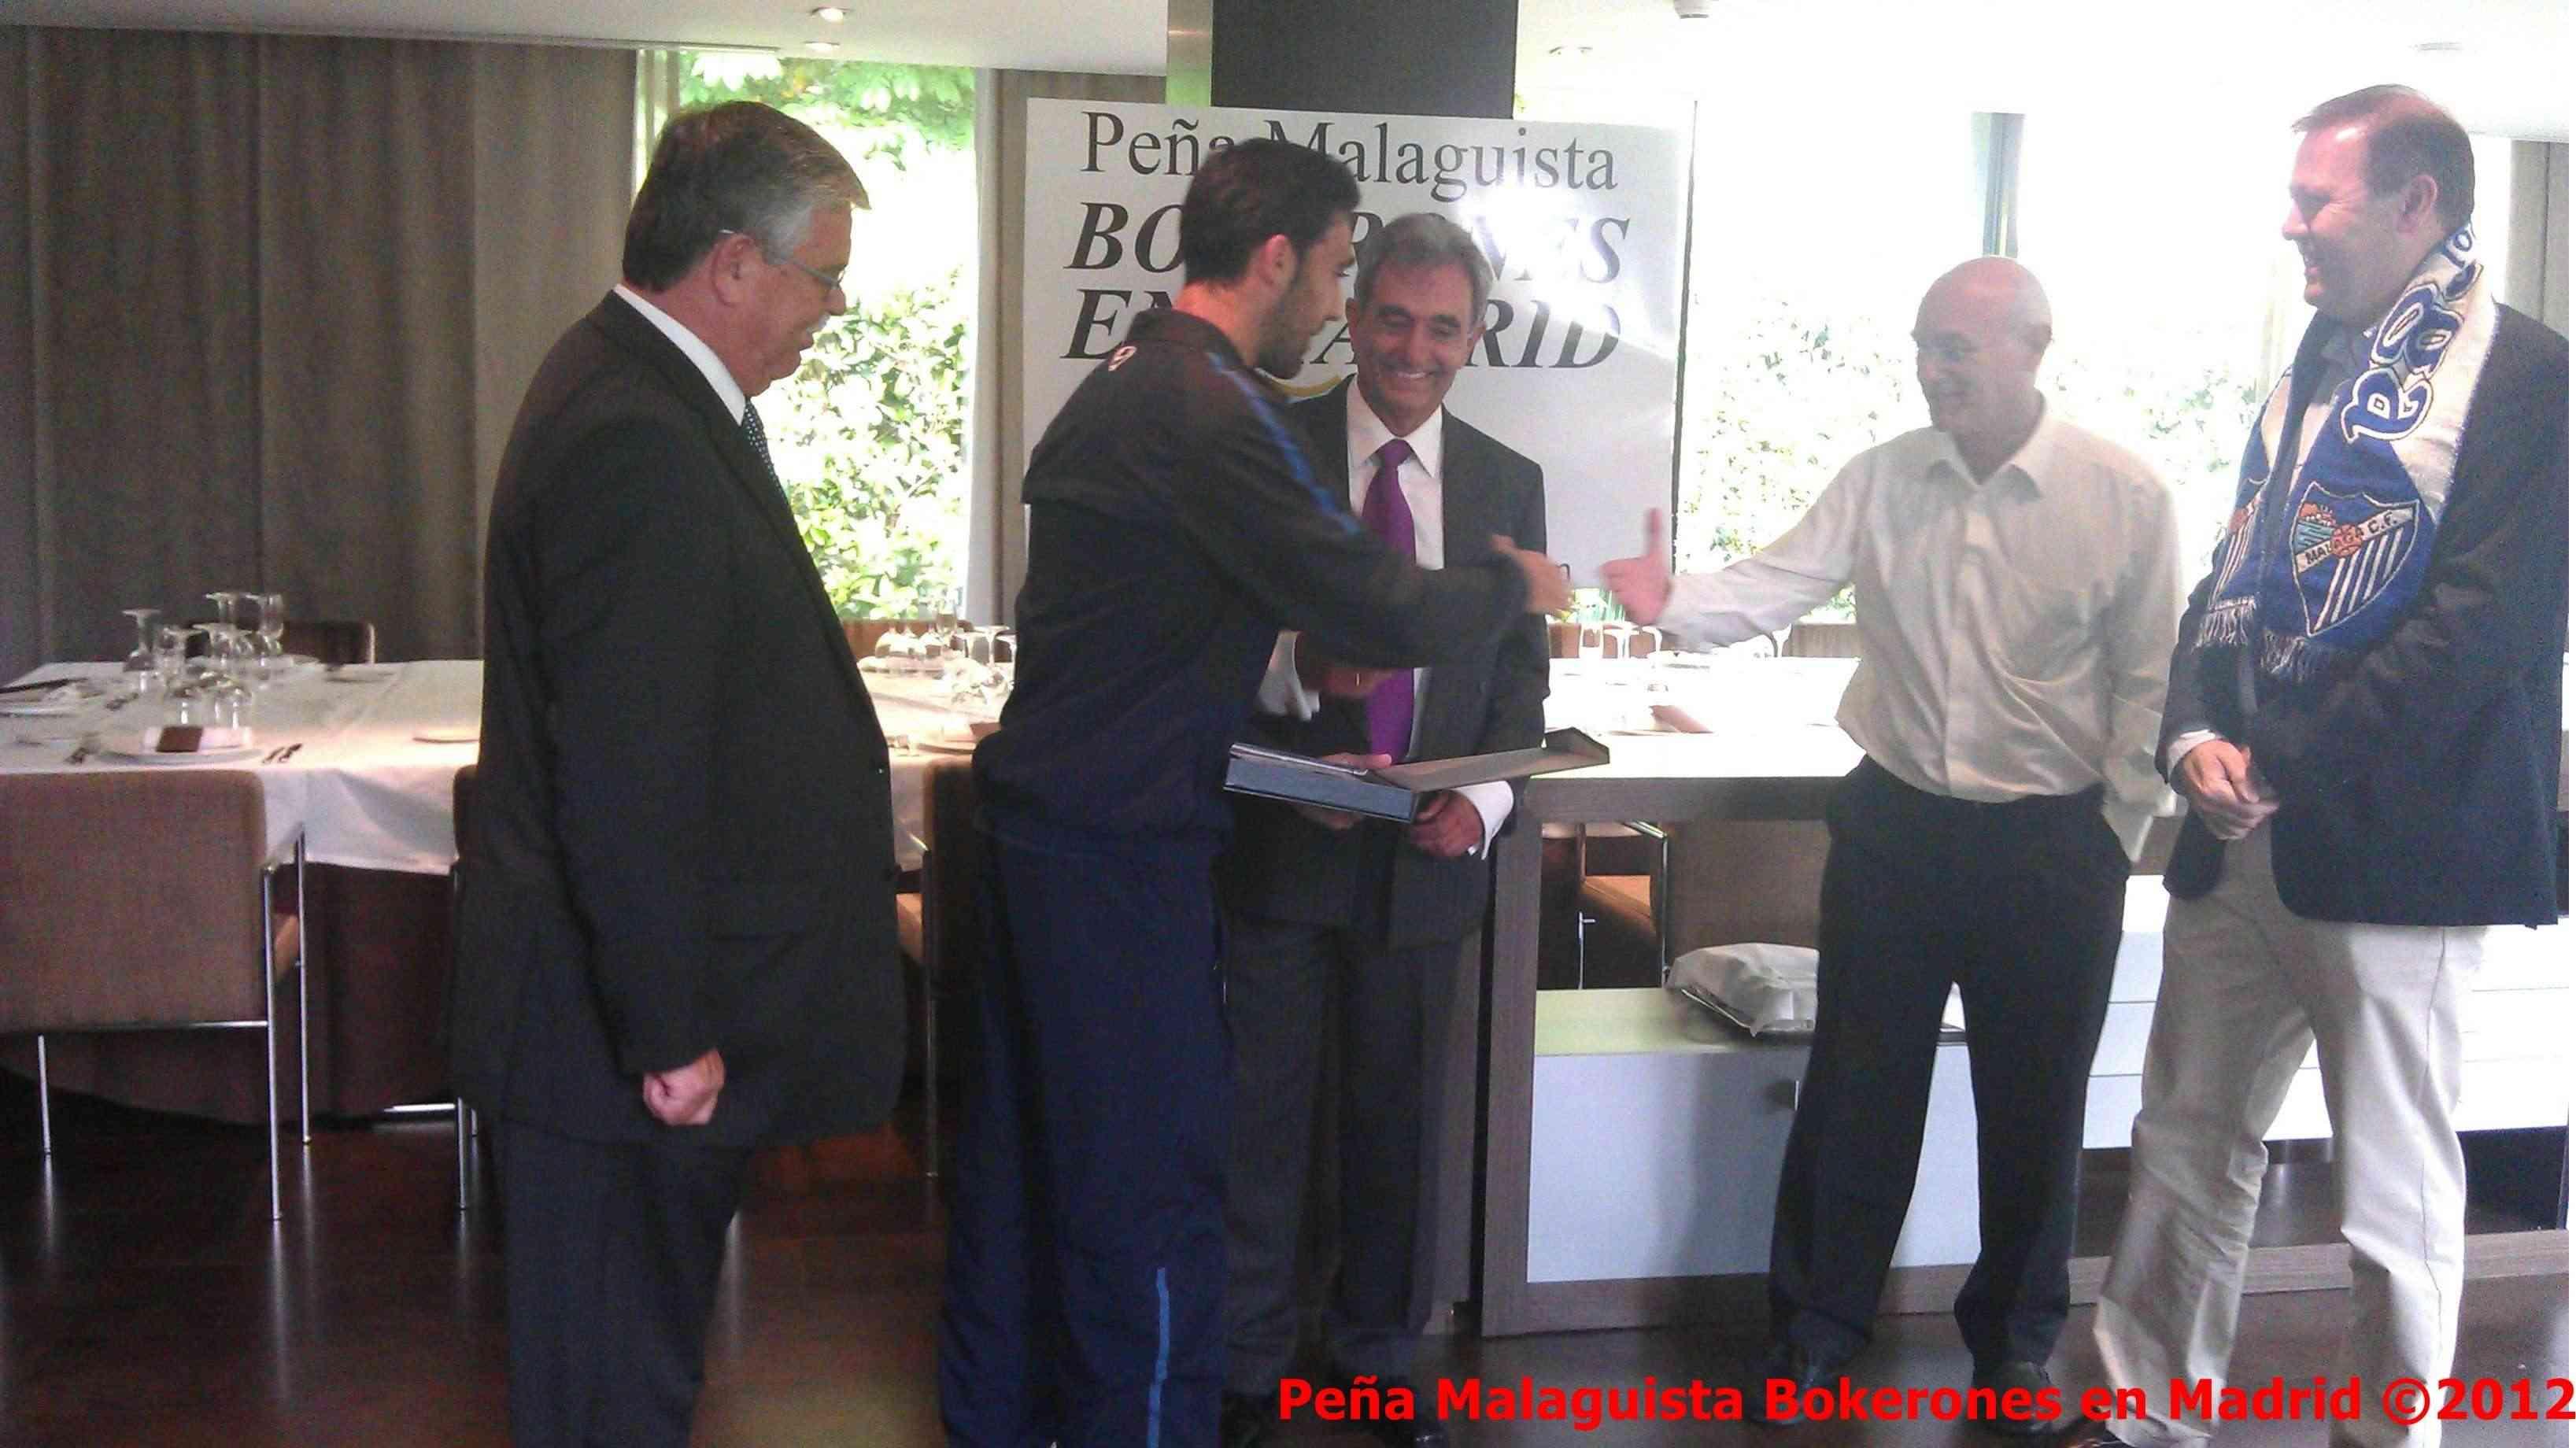 La Peña Malaguista Bokerones en Madrid entregará placa a Jesús Gamez Actobe13